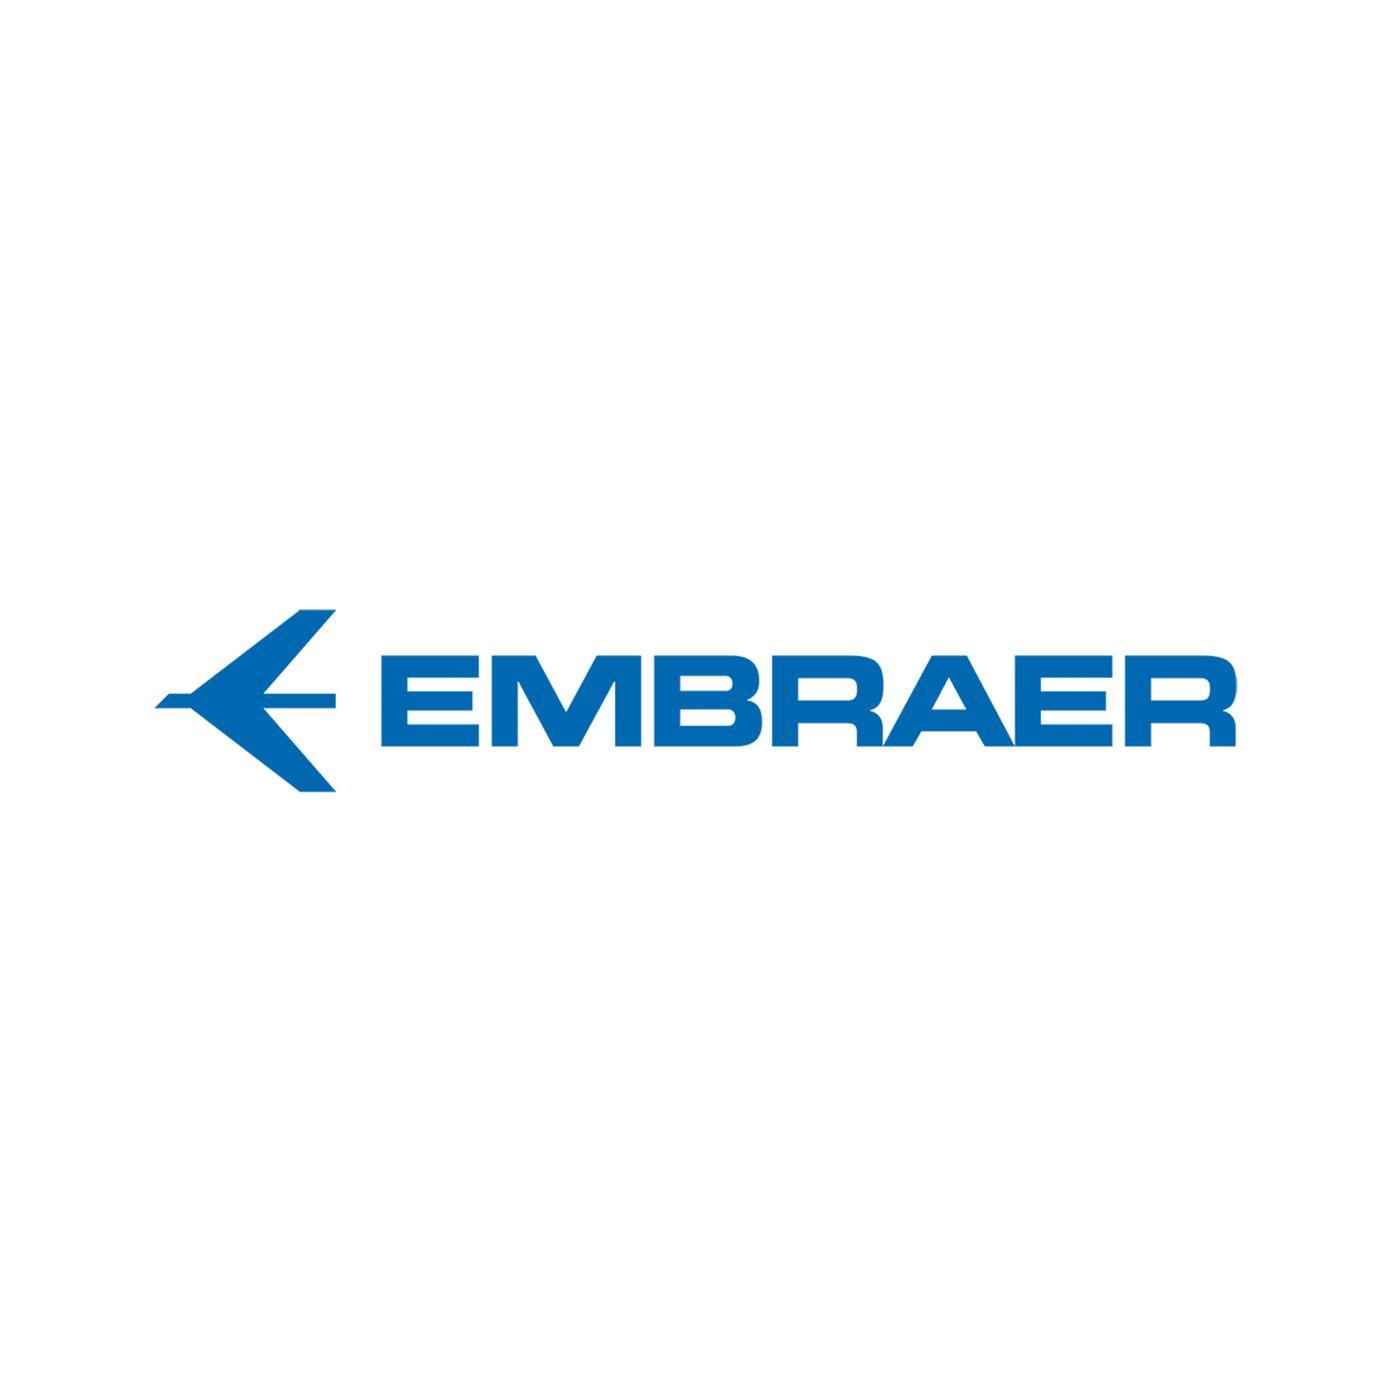 Teleconferência de Resultados da Embraer (EMBR3) do 1T20